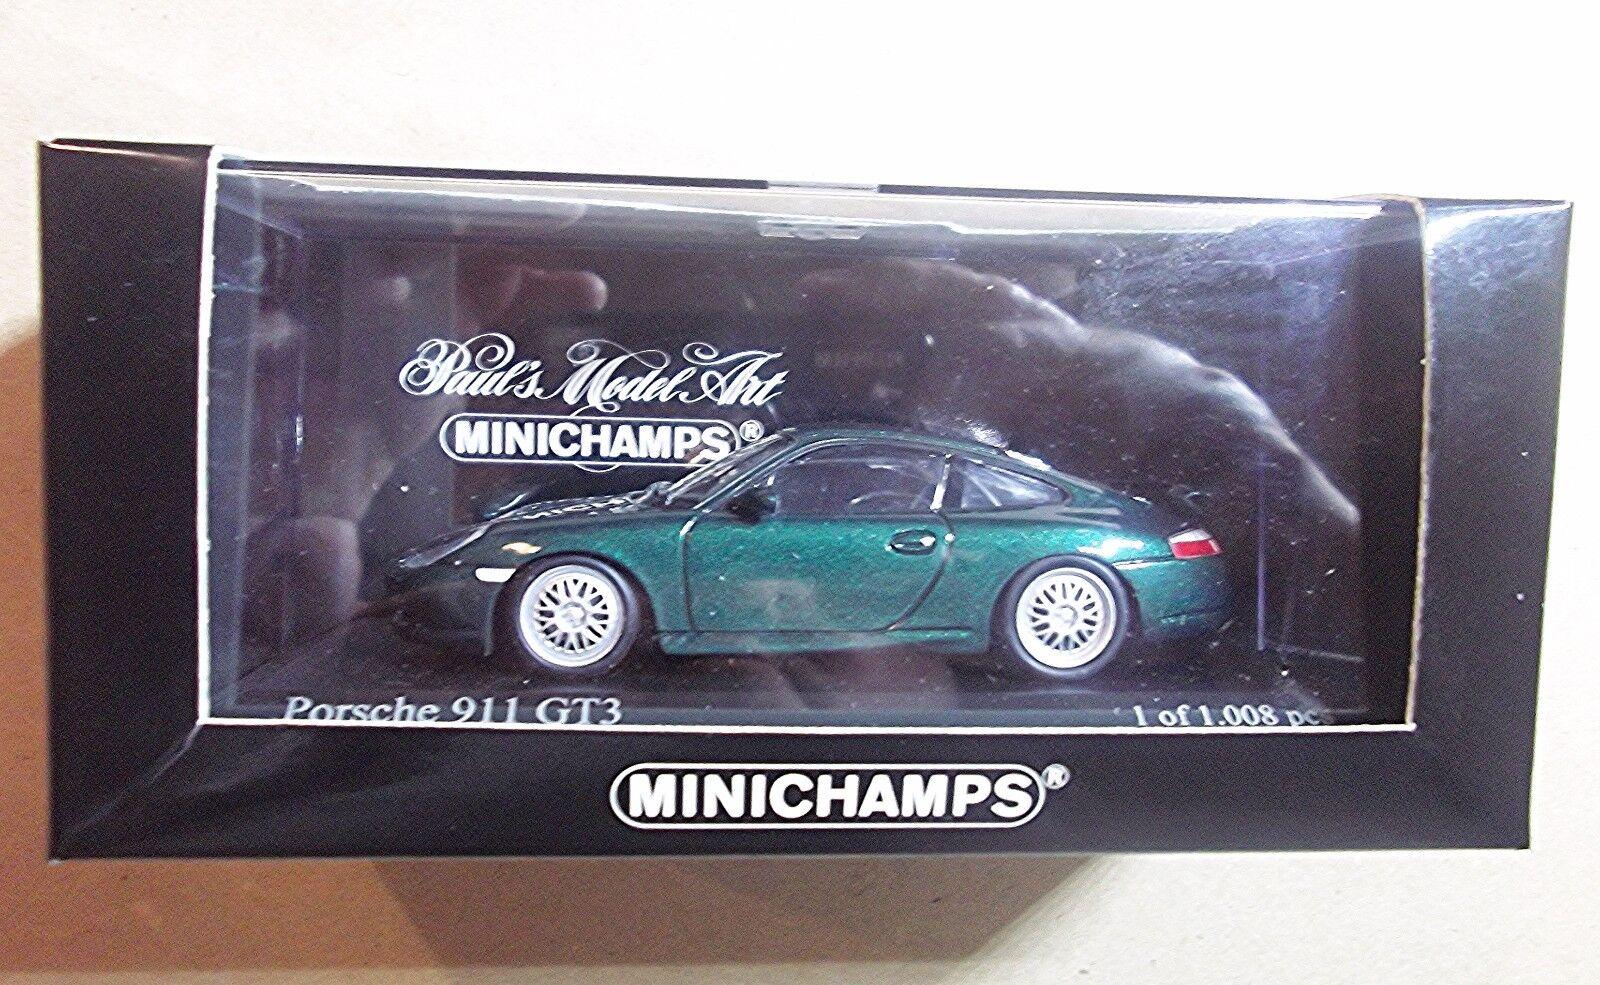 430068005  MINICHAMPS 1 43 43 43 SCALE  PORSCHE 911 GT 3  GREEN f0a146